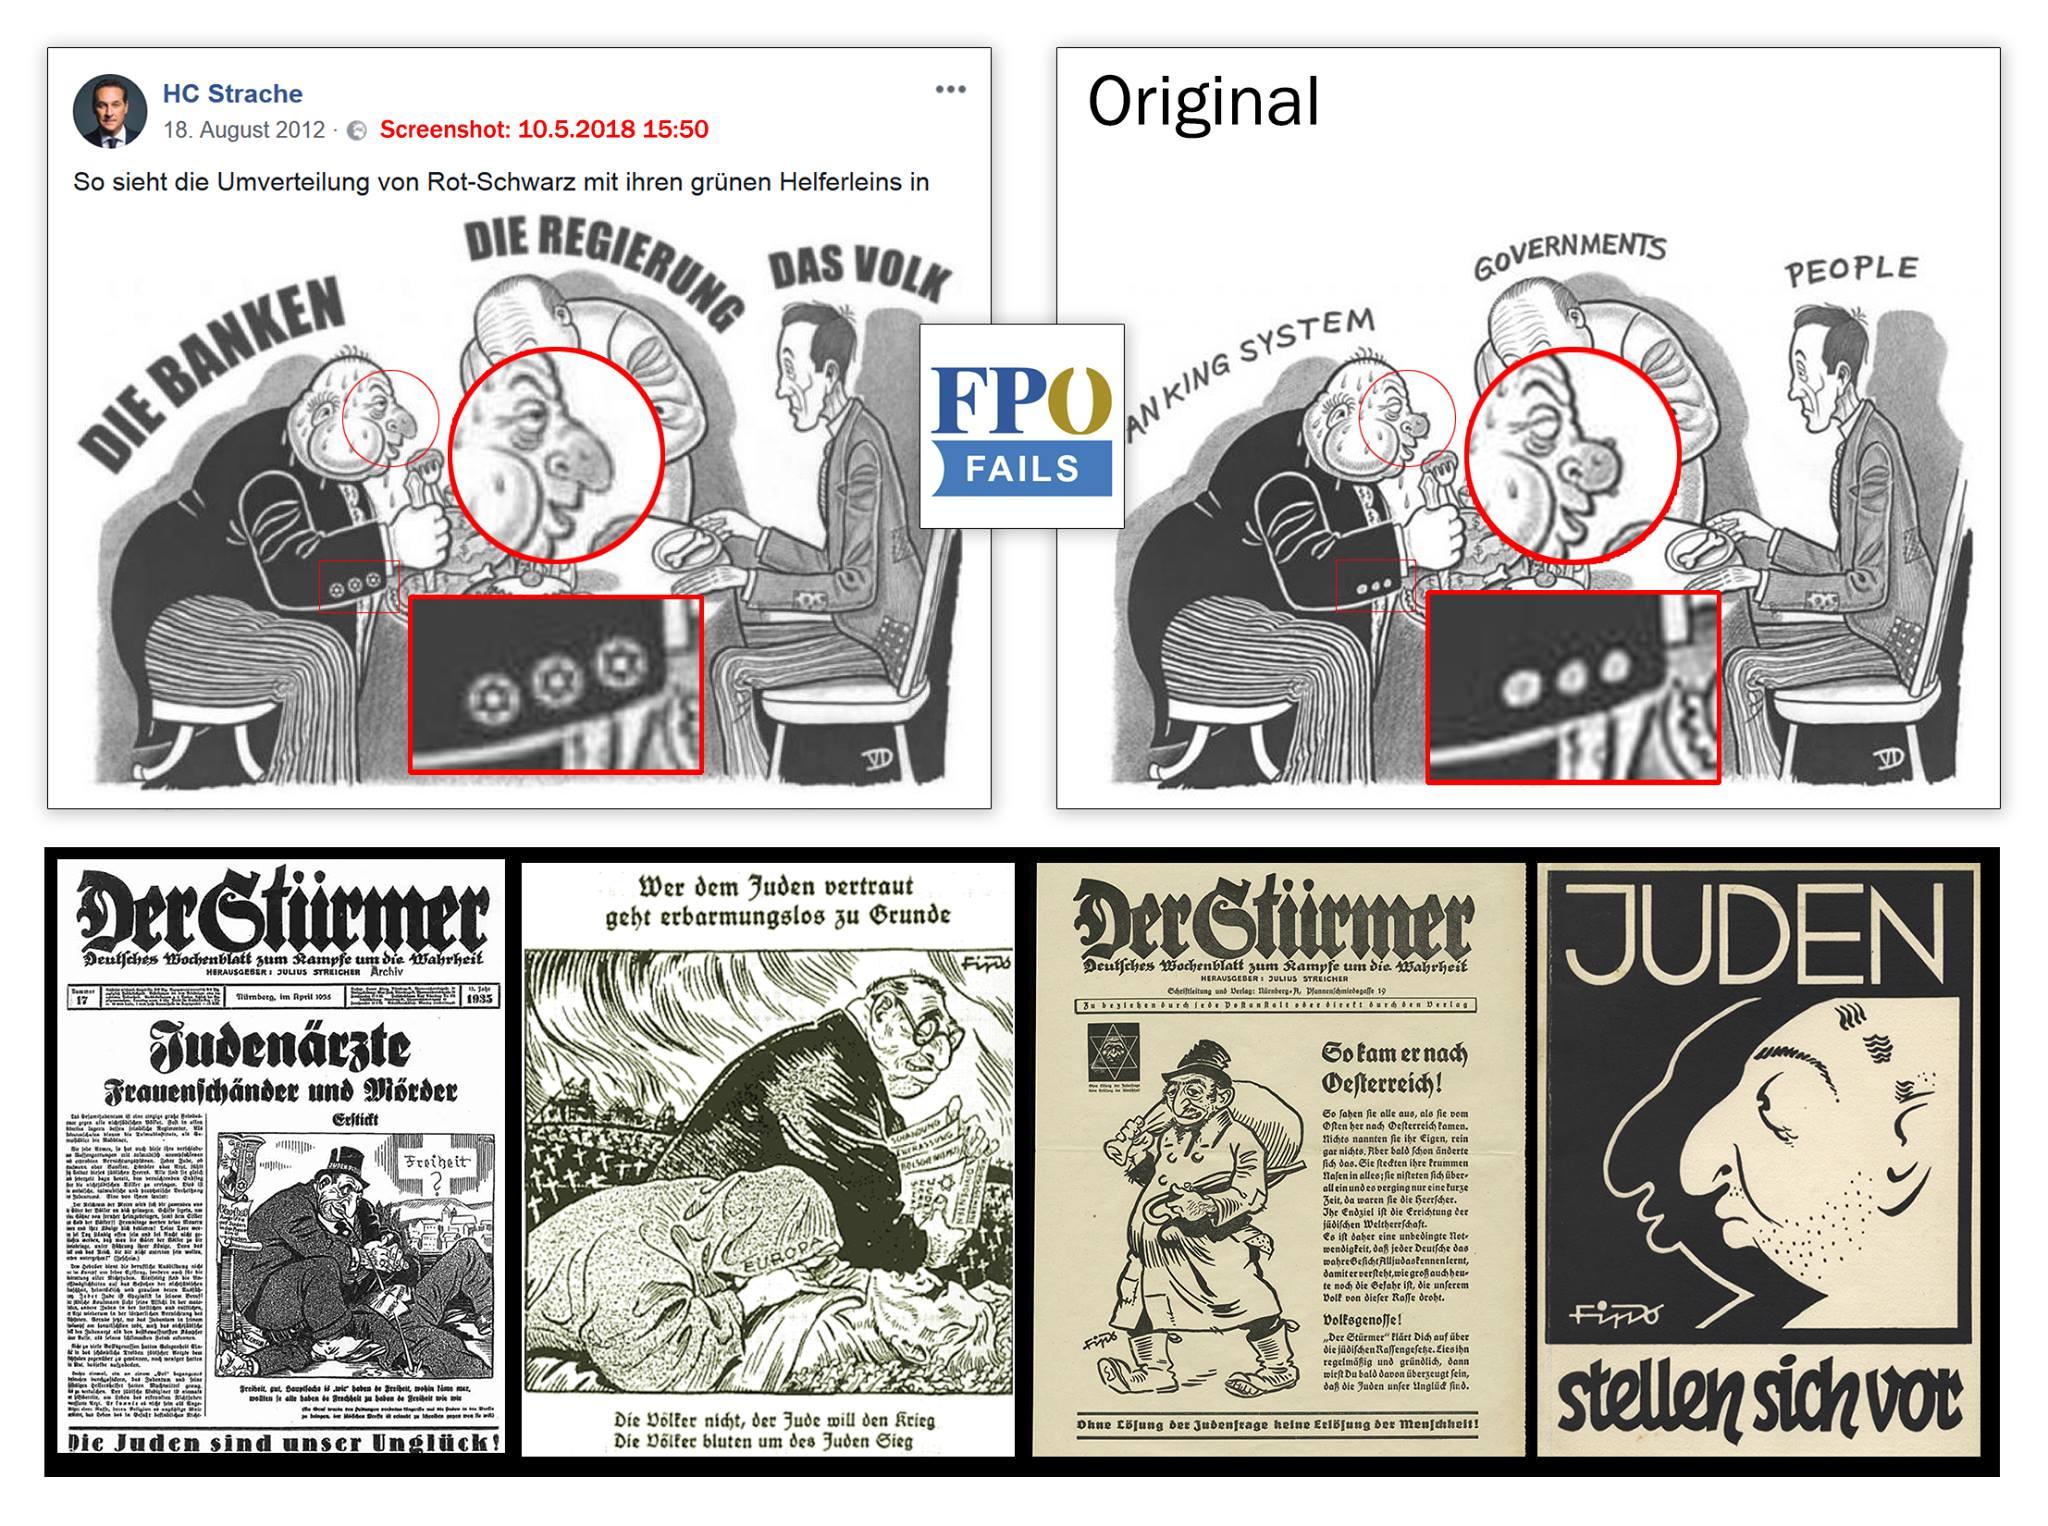 Zusammenstellung: Straches Banker im Stürmer-Stil (https://www.facebook.com/fpoefails/photos/p.1509614569142029/1509614569142029/?type=3&theater)